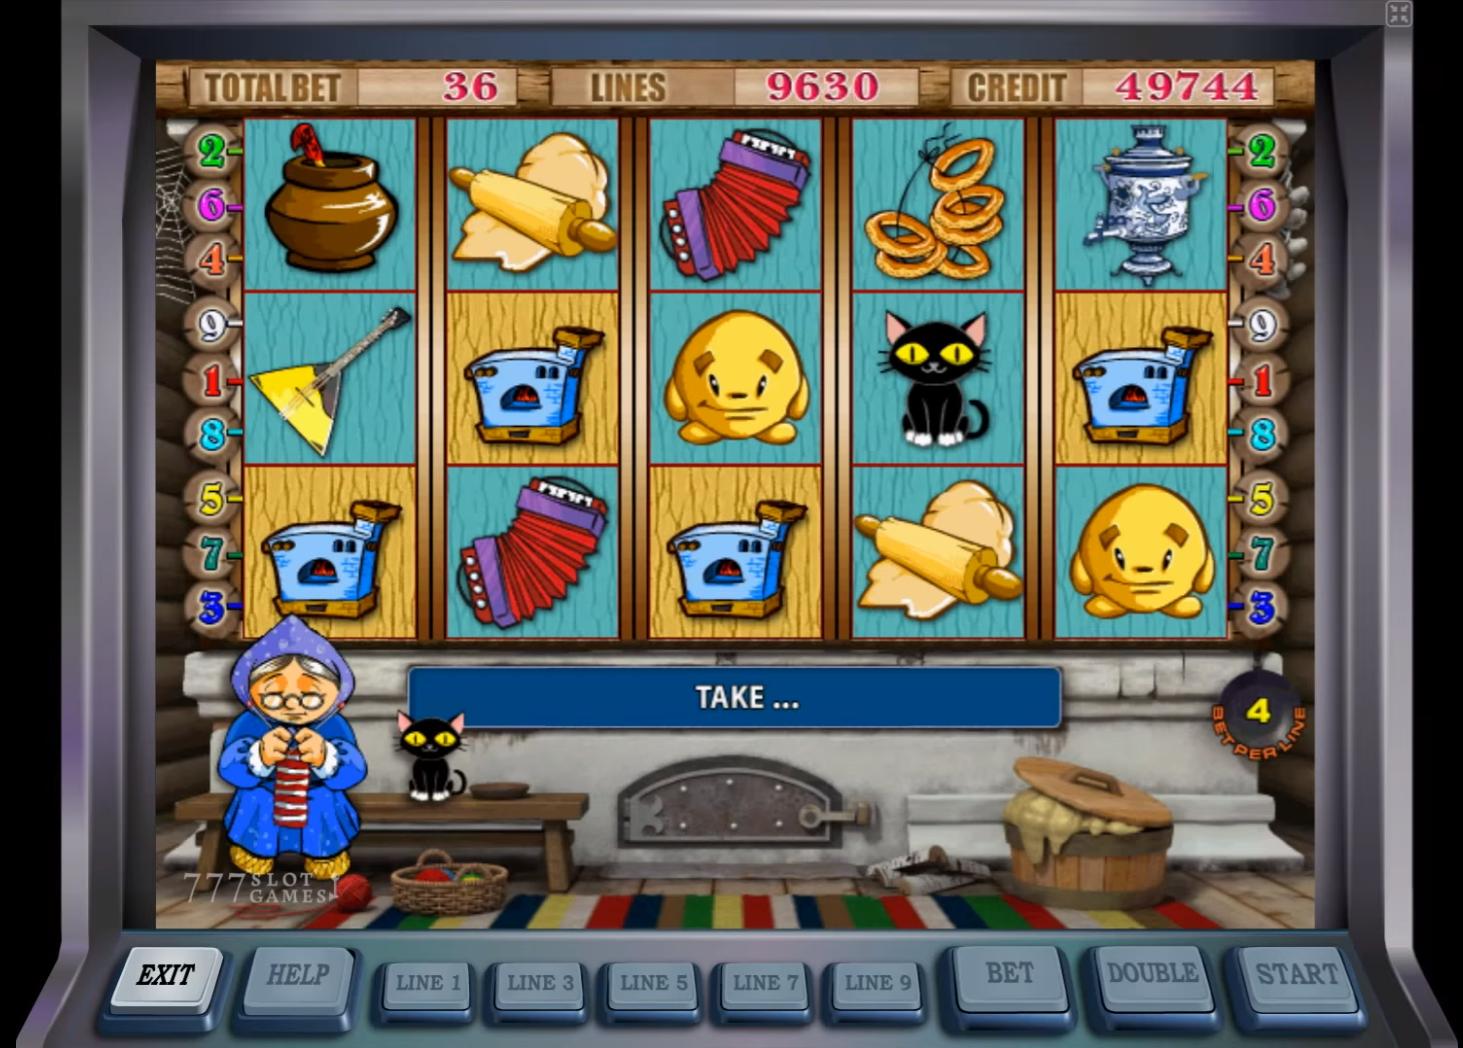 Игровой автомат кекс играть бесплатно без регистрации